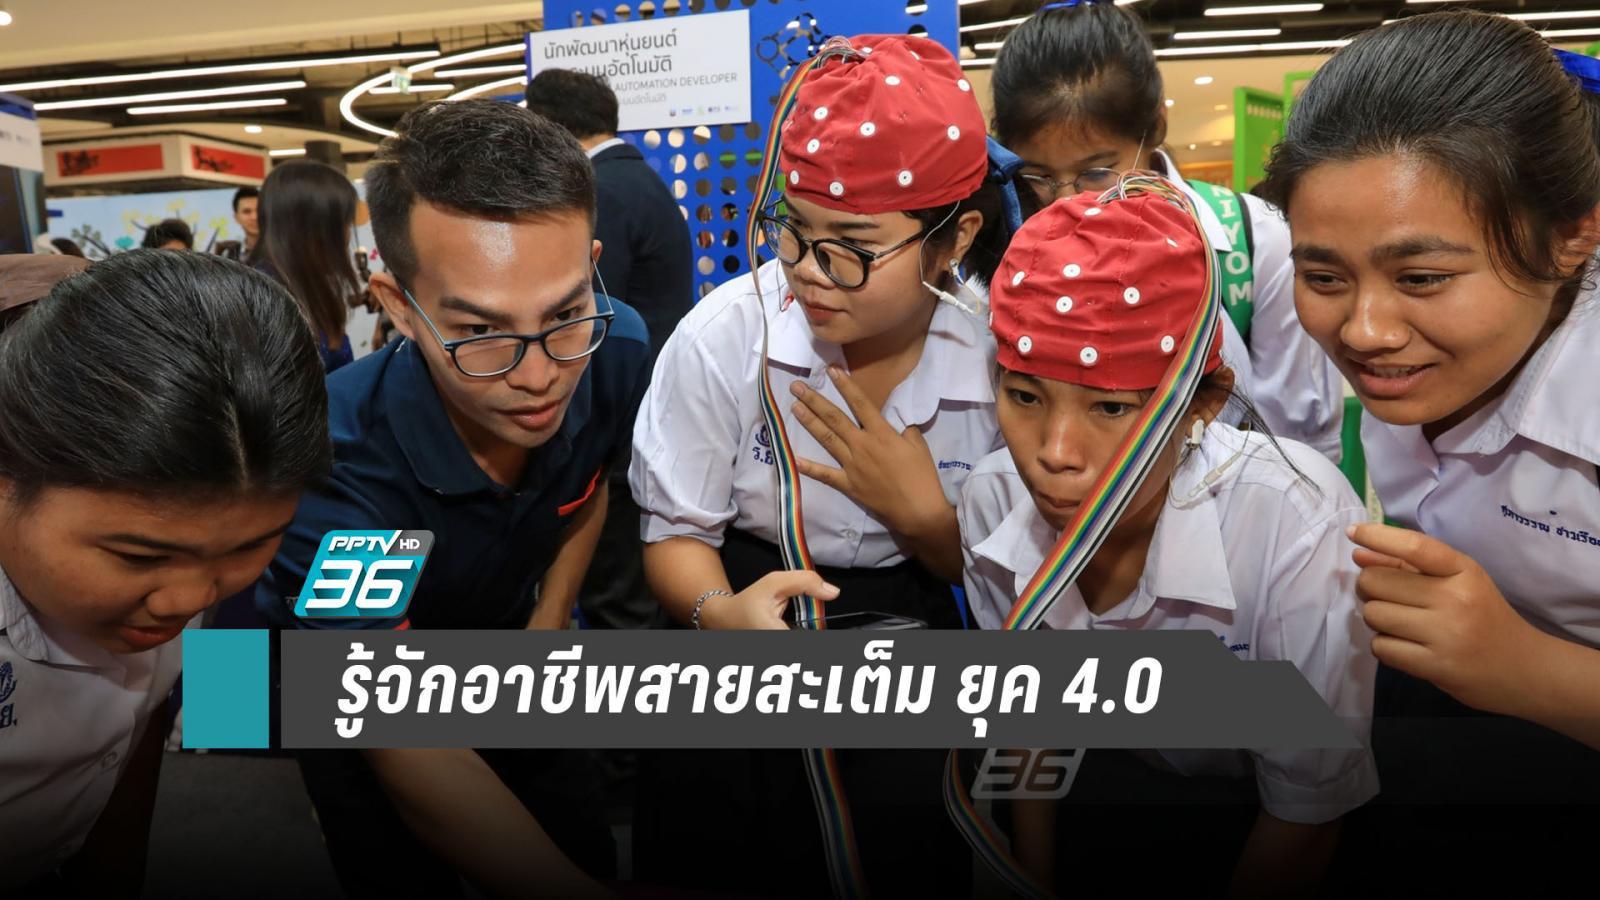 รู้จักอาชีพสะเต็มมาแรง พร้อมขับเคลื่อนประเทศไทยรับยุค 4.0